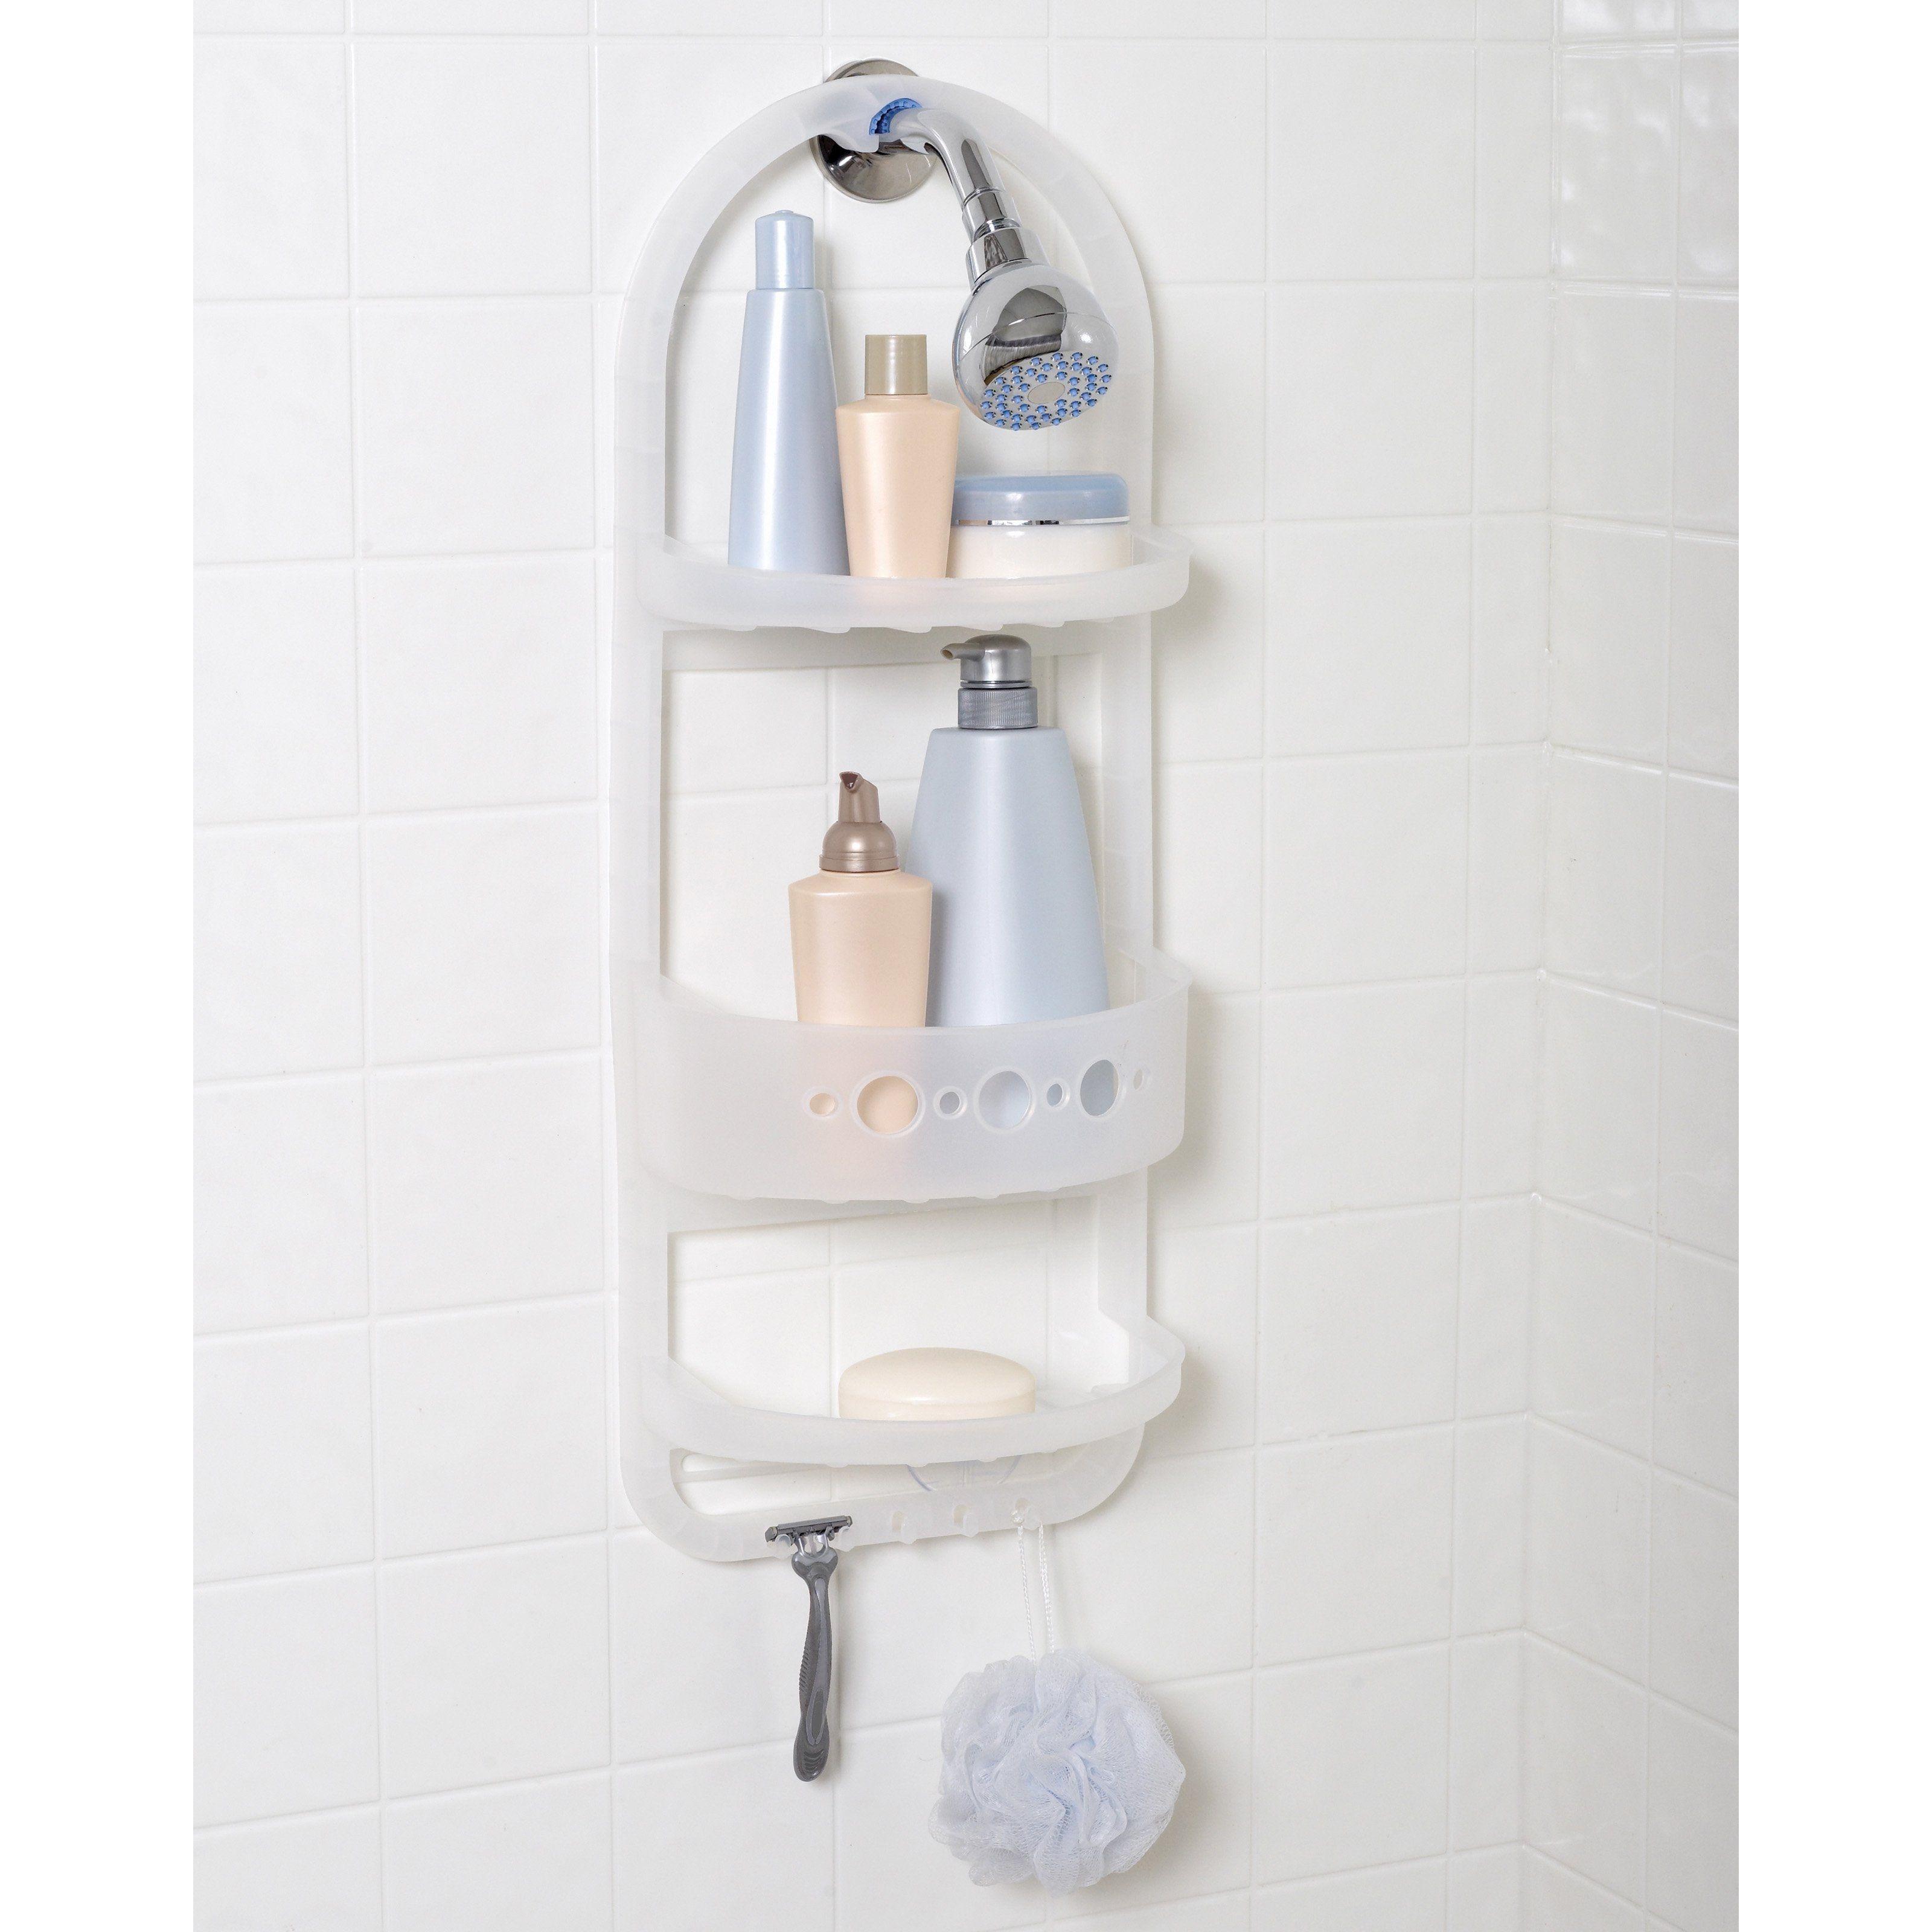 White Plastic Hanging Shower Caddy | Bathroom Utensils | Pinterest